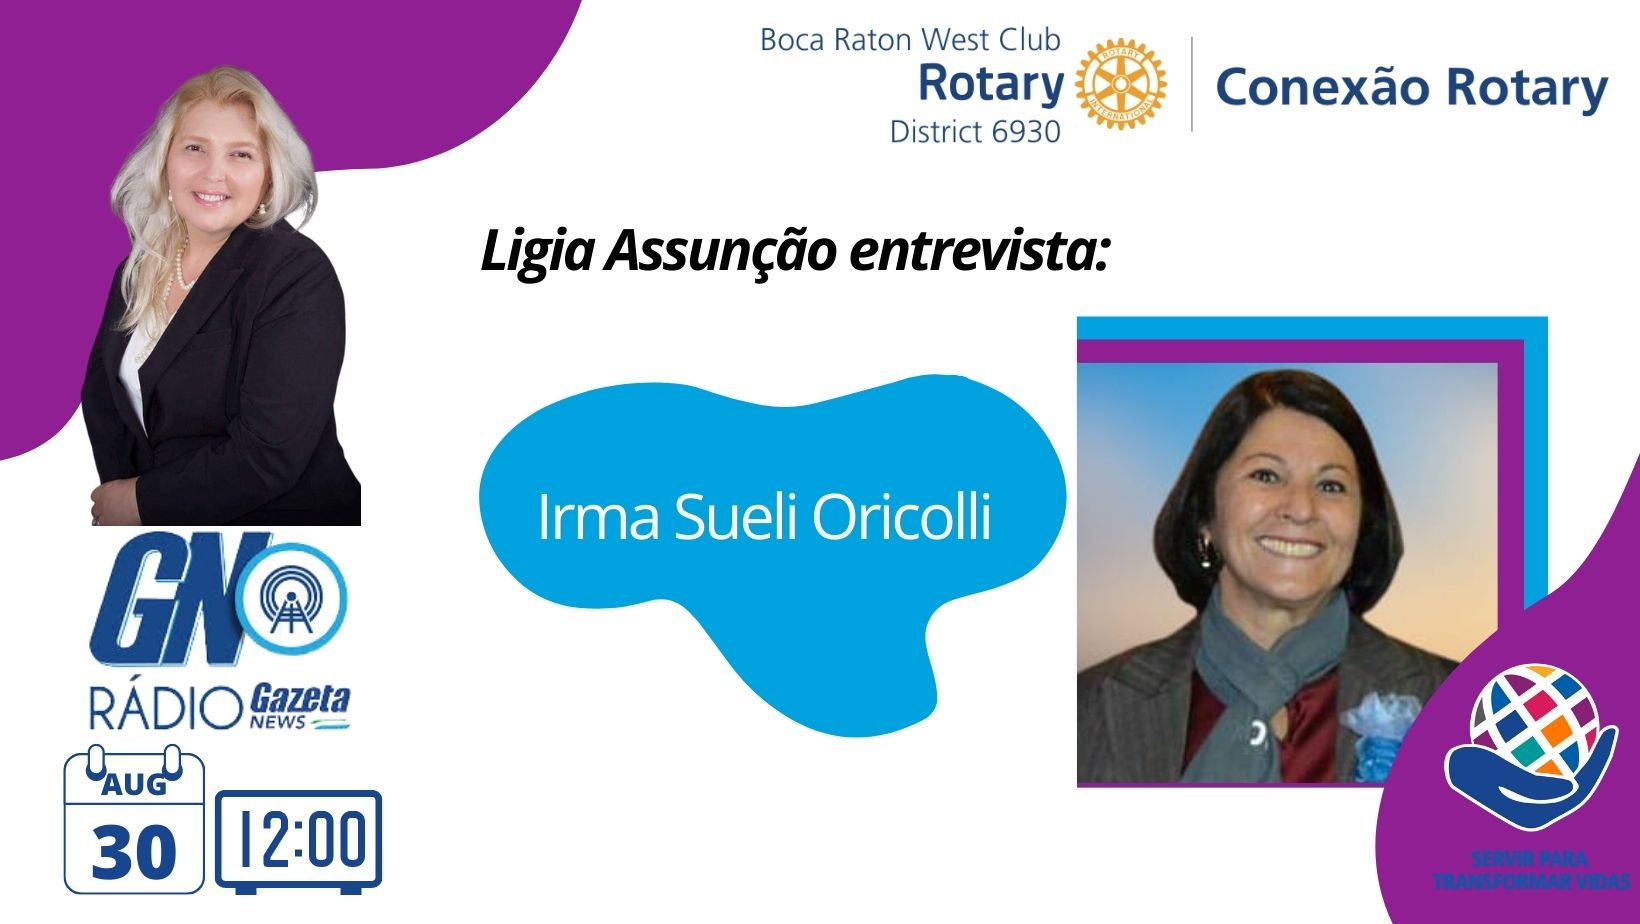 08-30-21 Conexão Rotary